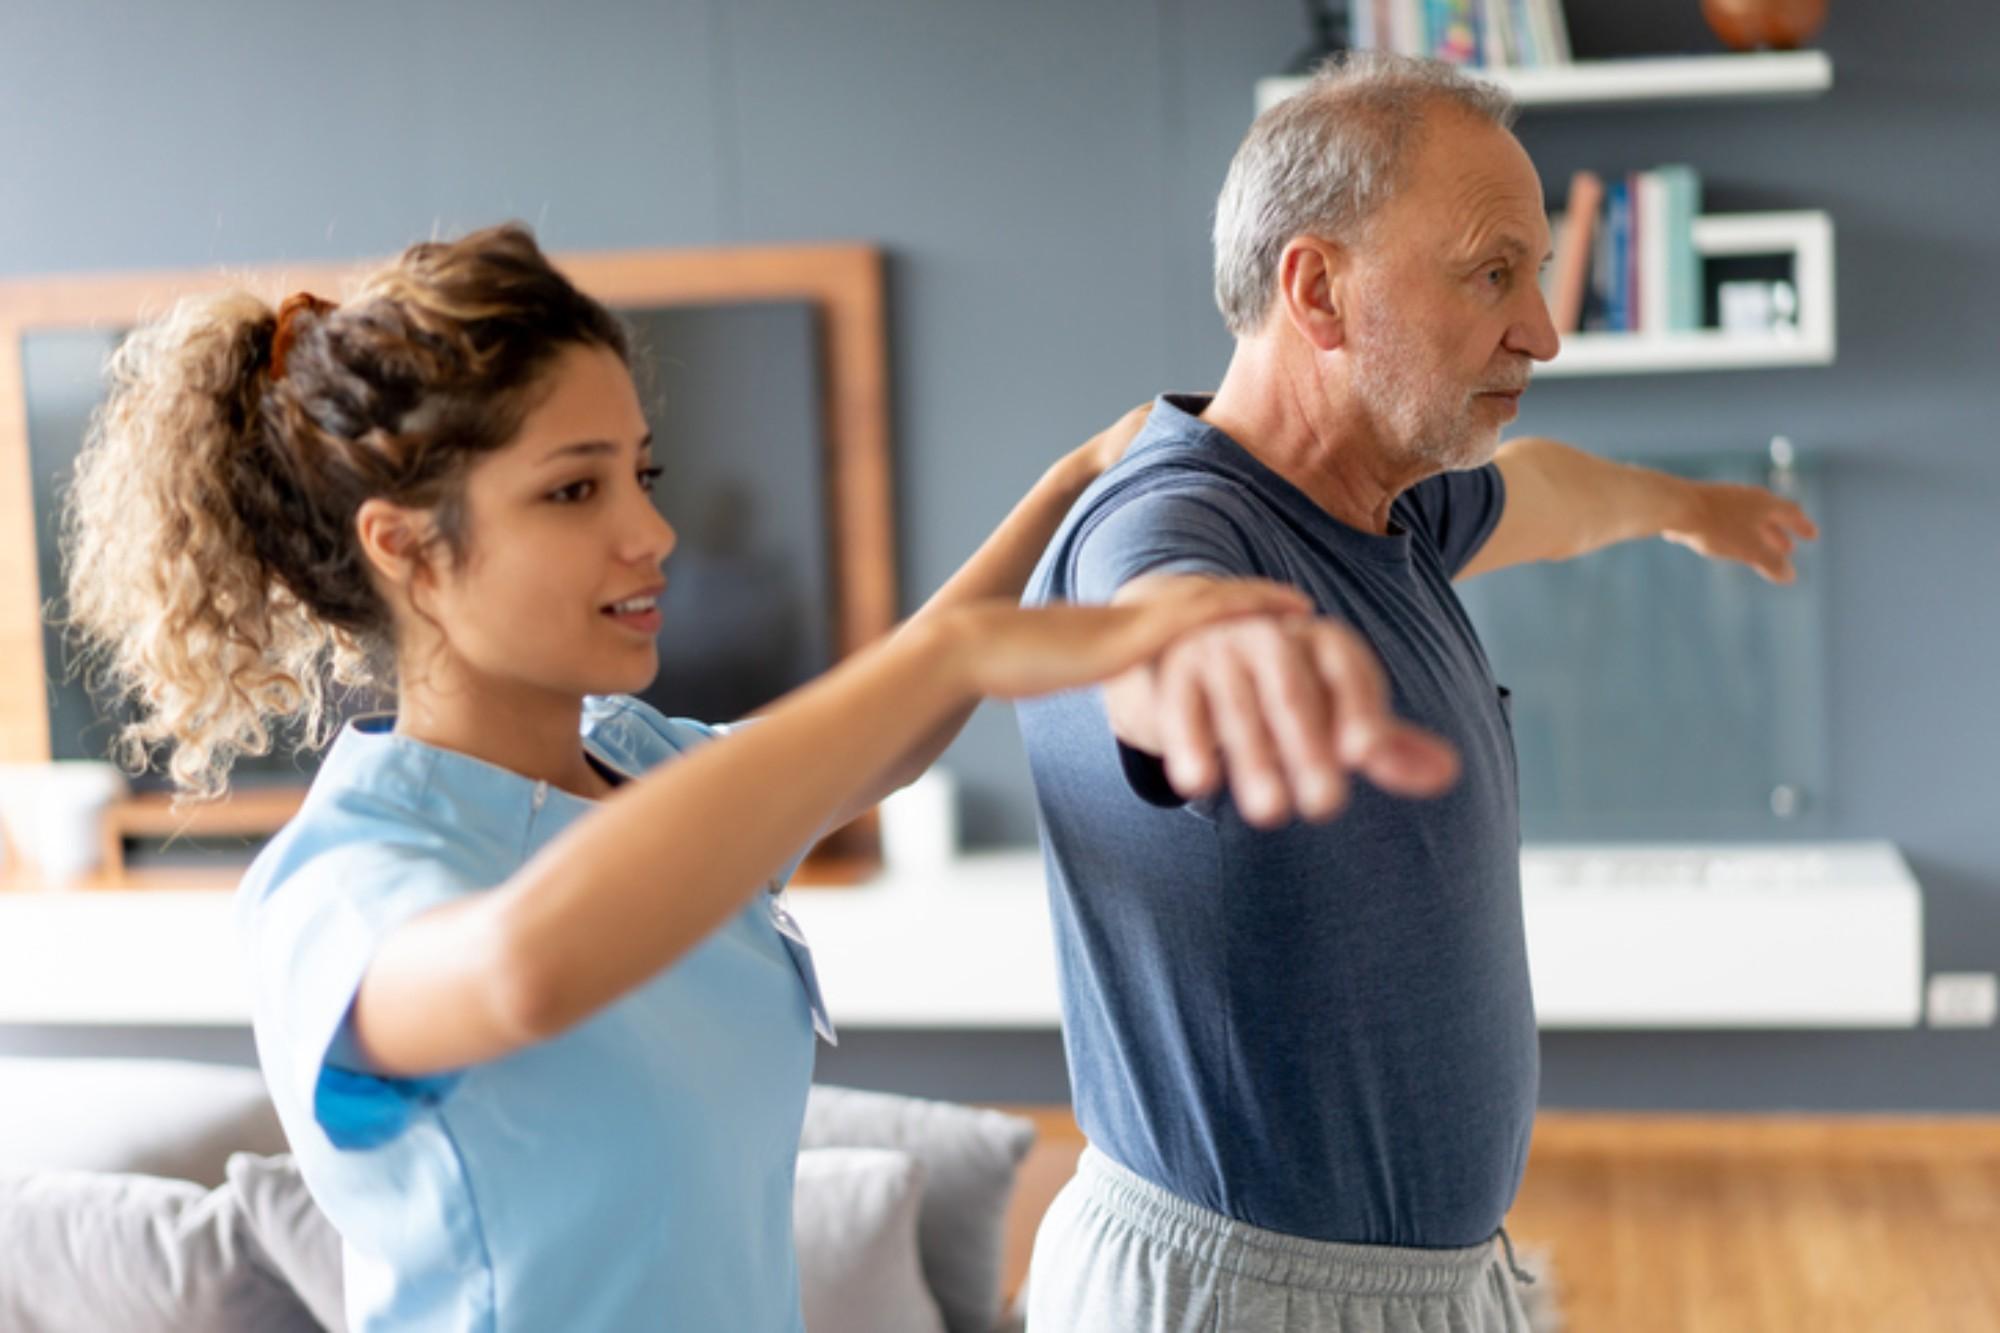 Fisioterapia home care: afinal, como ela pode ajudar o idoso?